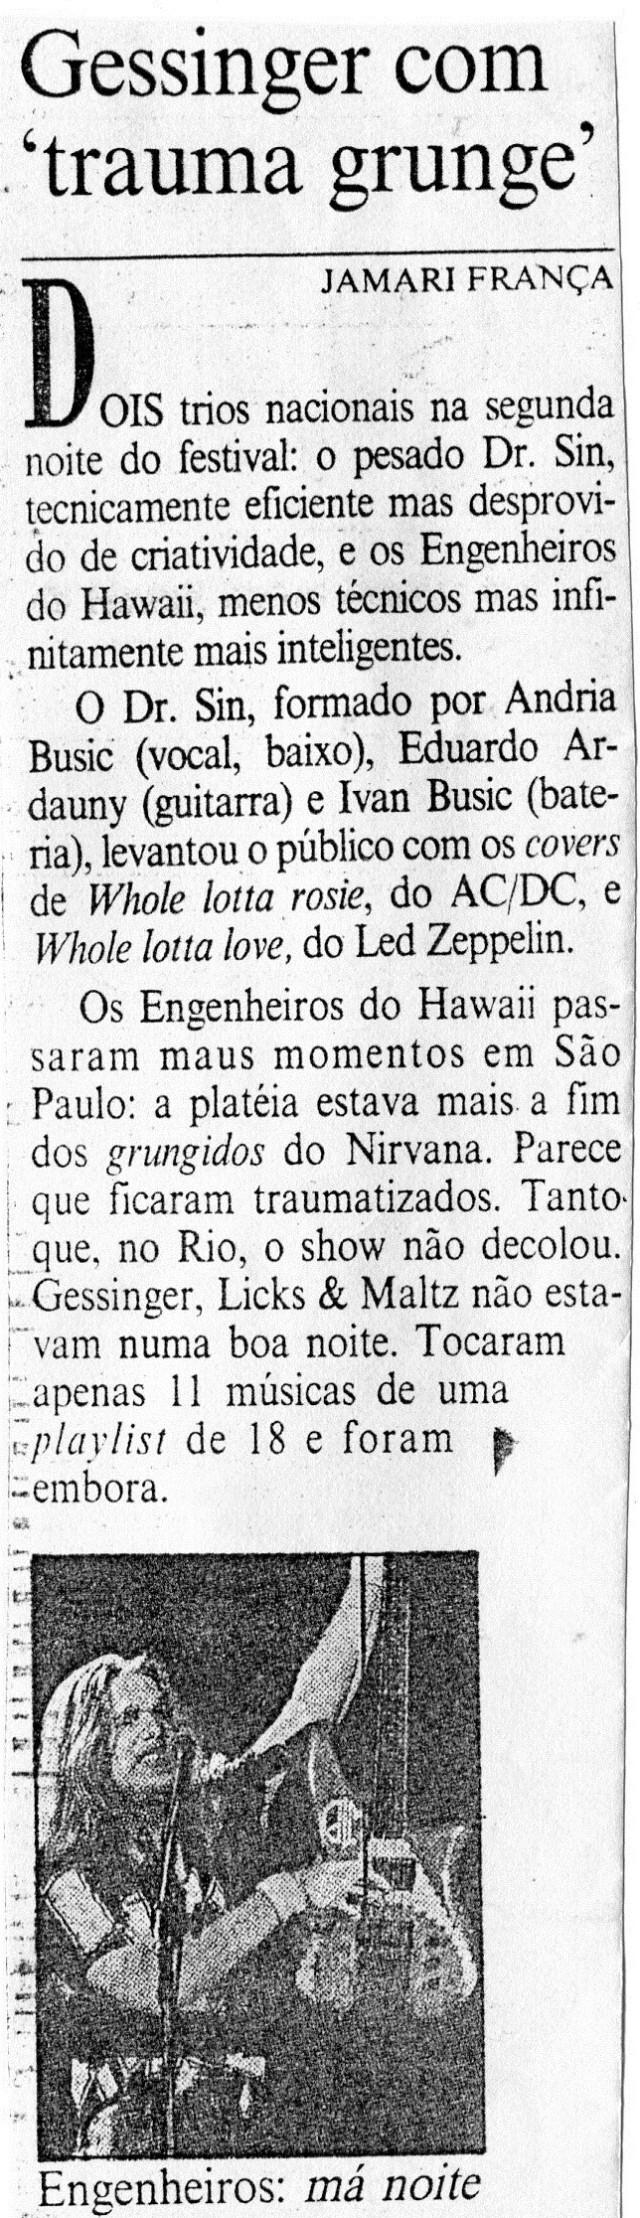 1993-gessinger-com-trauma-grunge